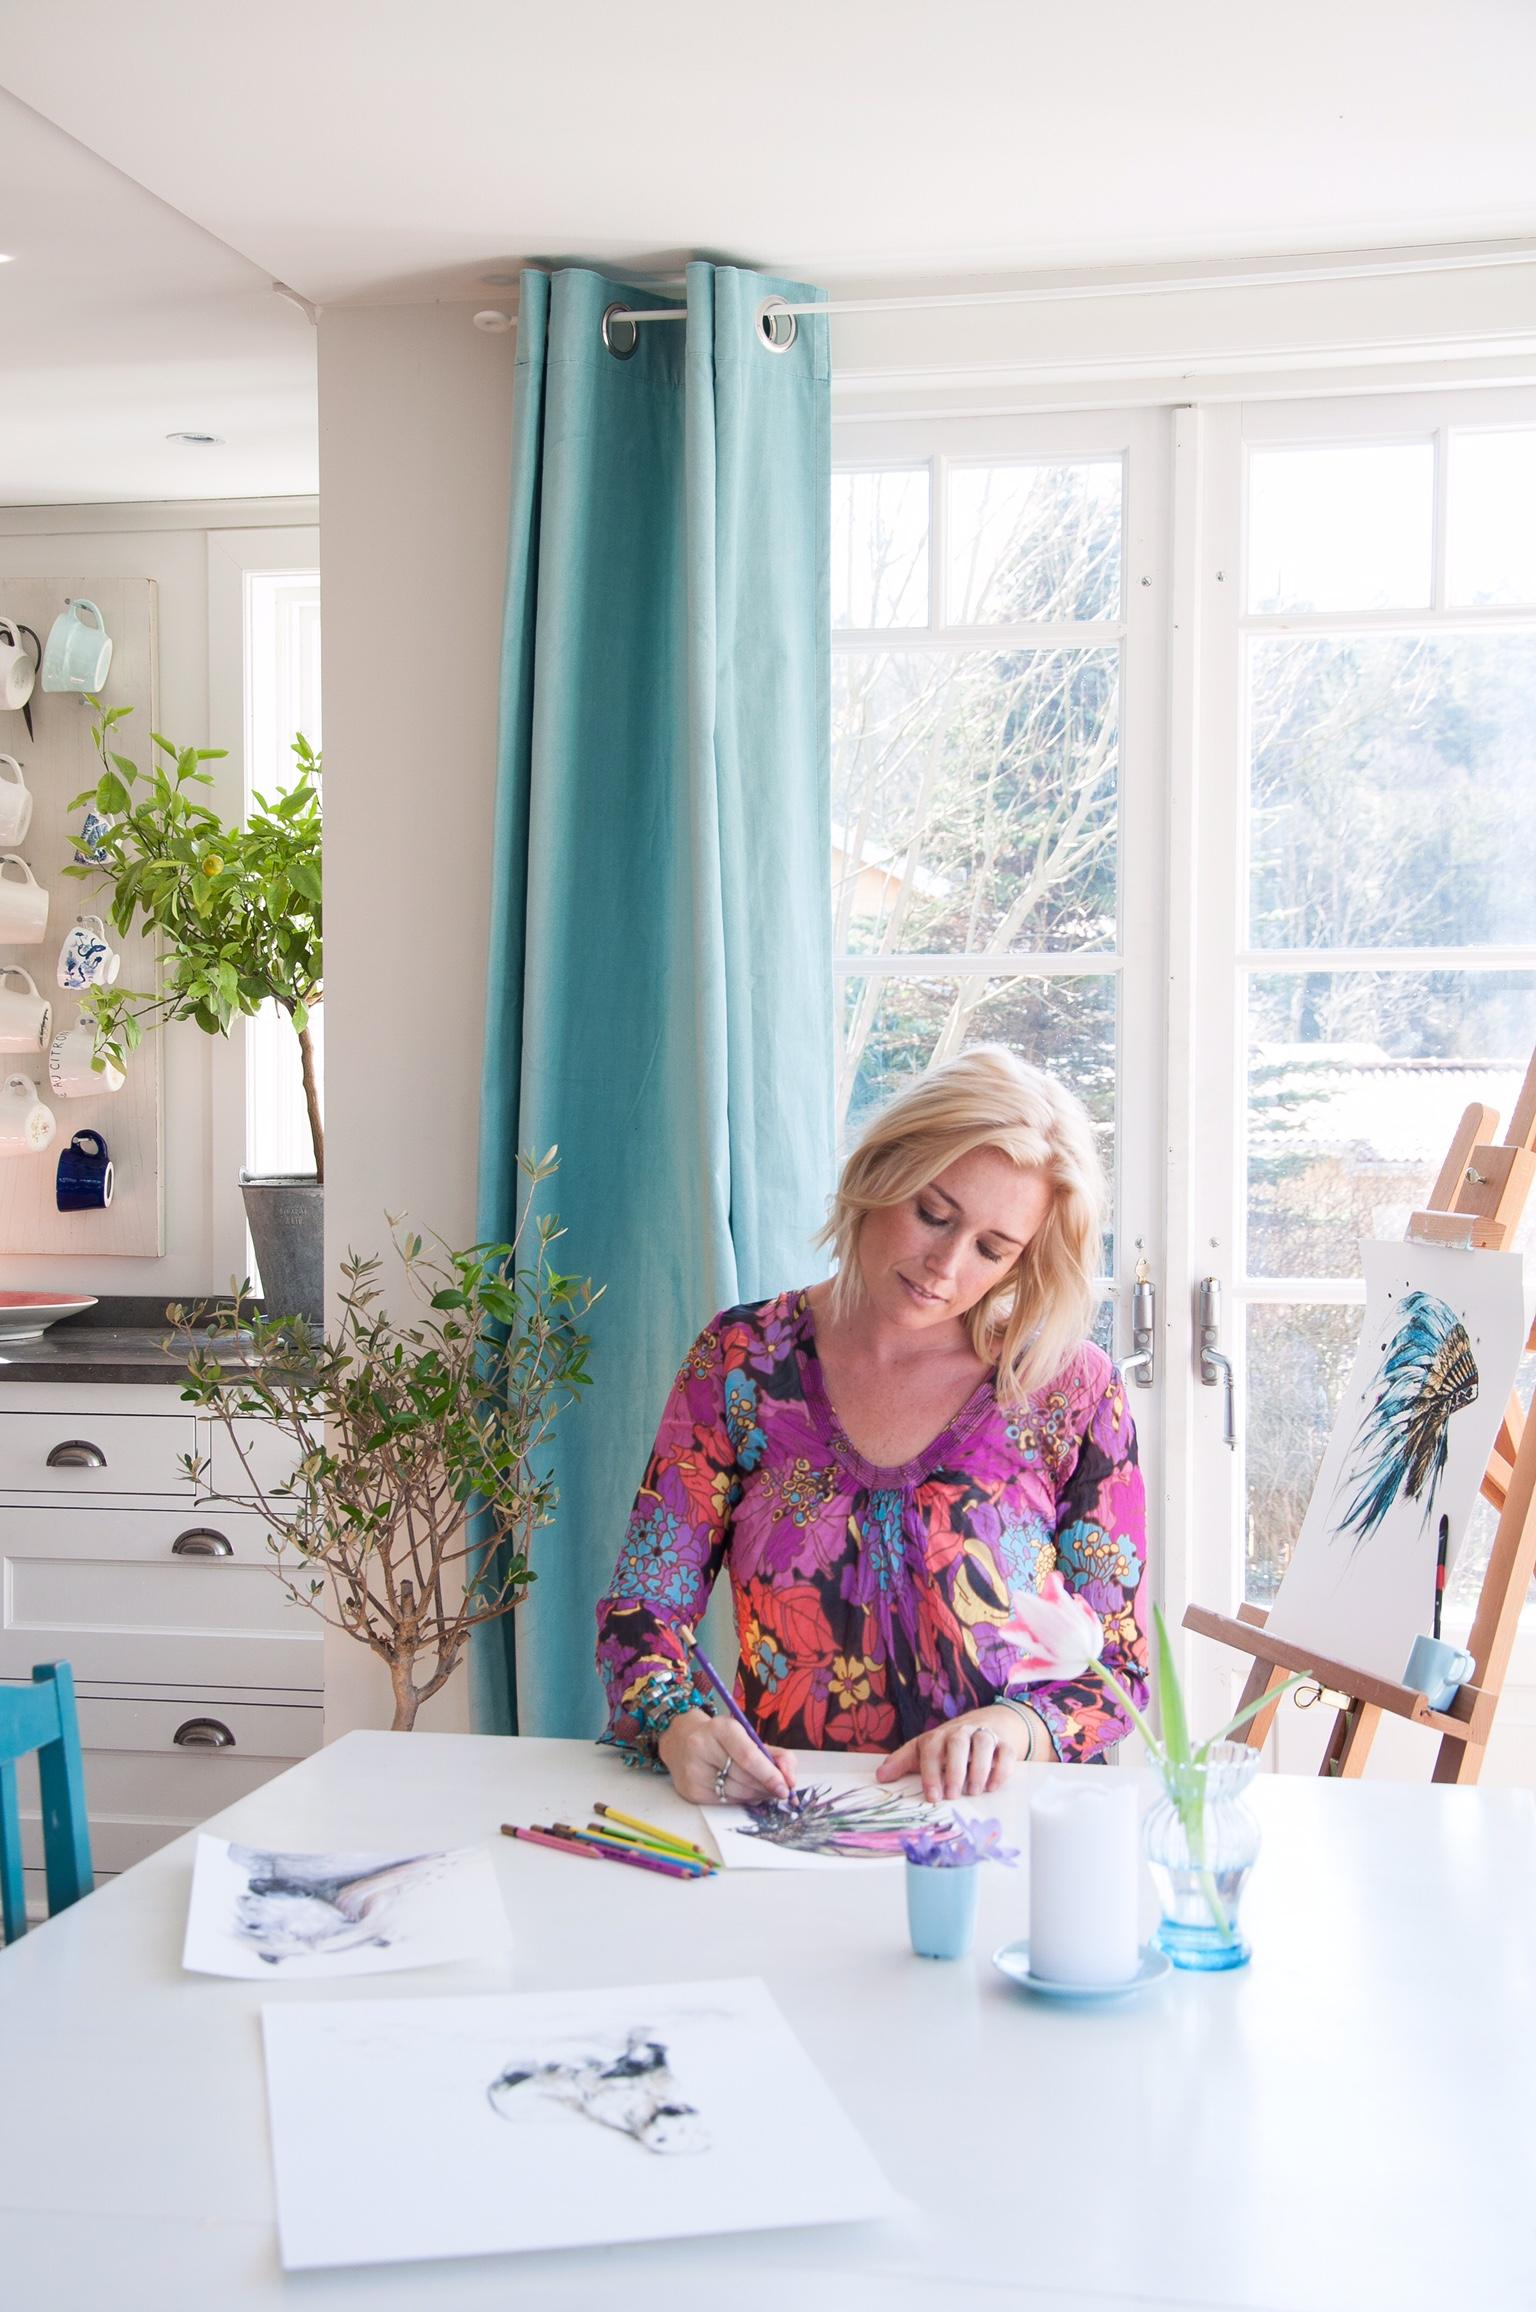 Fröken Turkos - Miss Turquoise webshop - Art http://frokenturkos.tictail.com